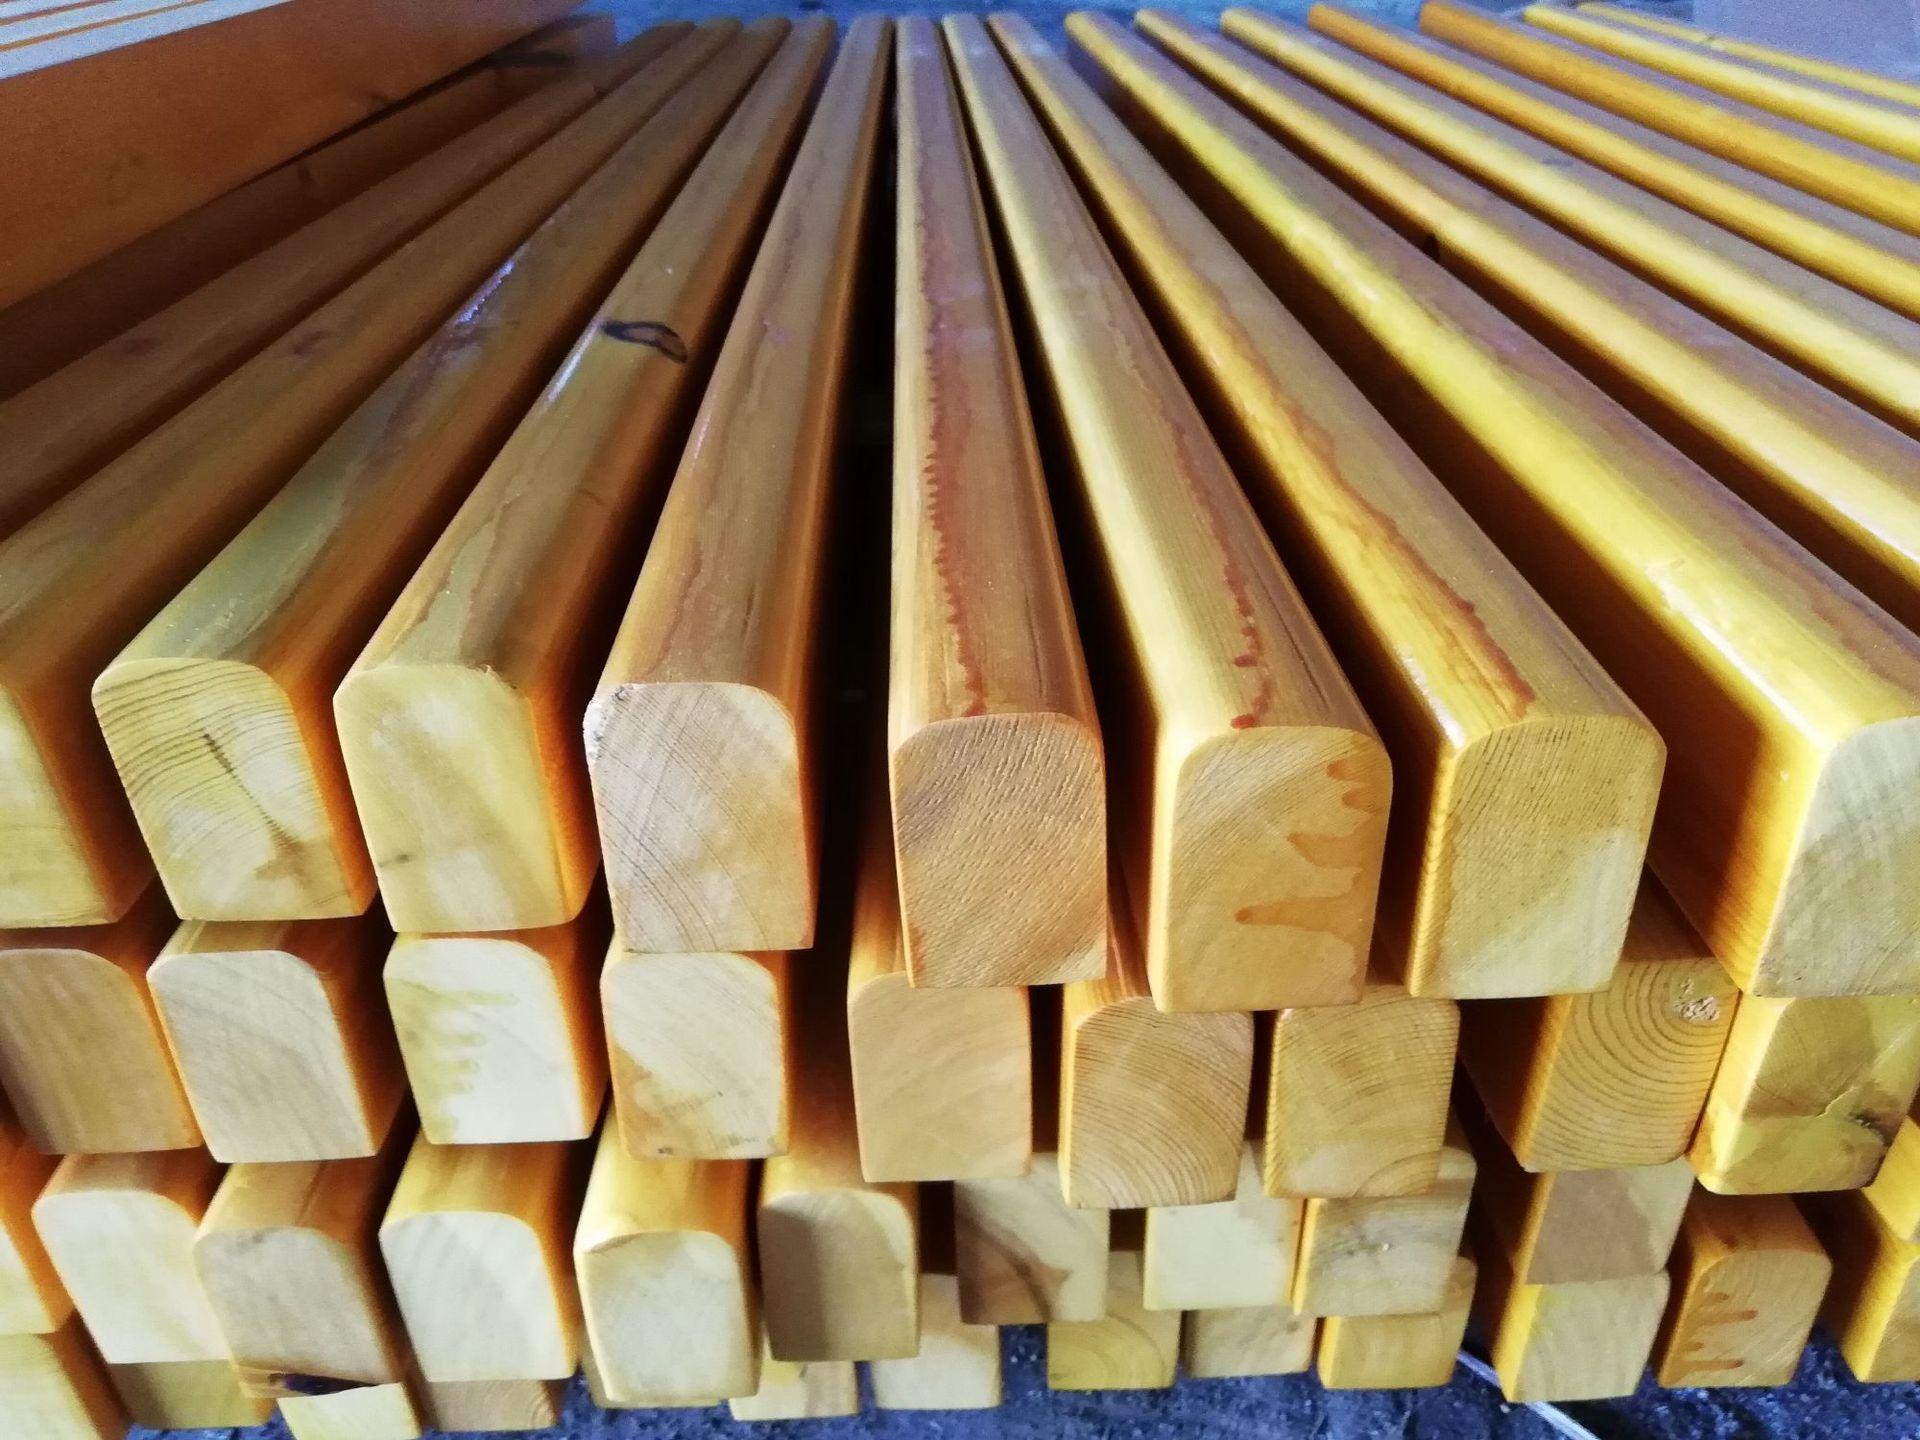 长期供应户外防腐木休闲椅 公园小区座椅 长椅 铸铁腿 实木 塑木示例图21